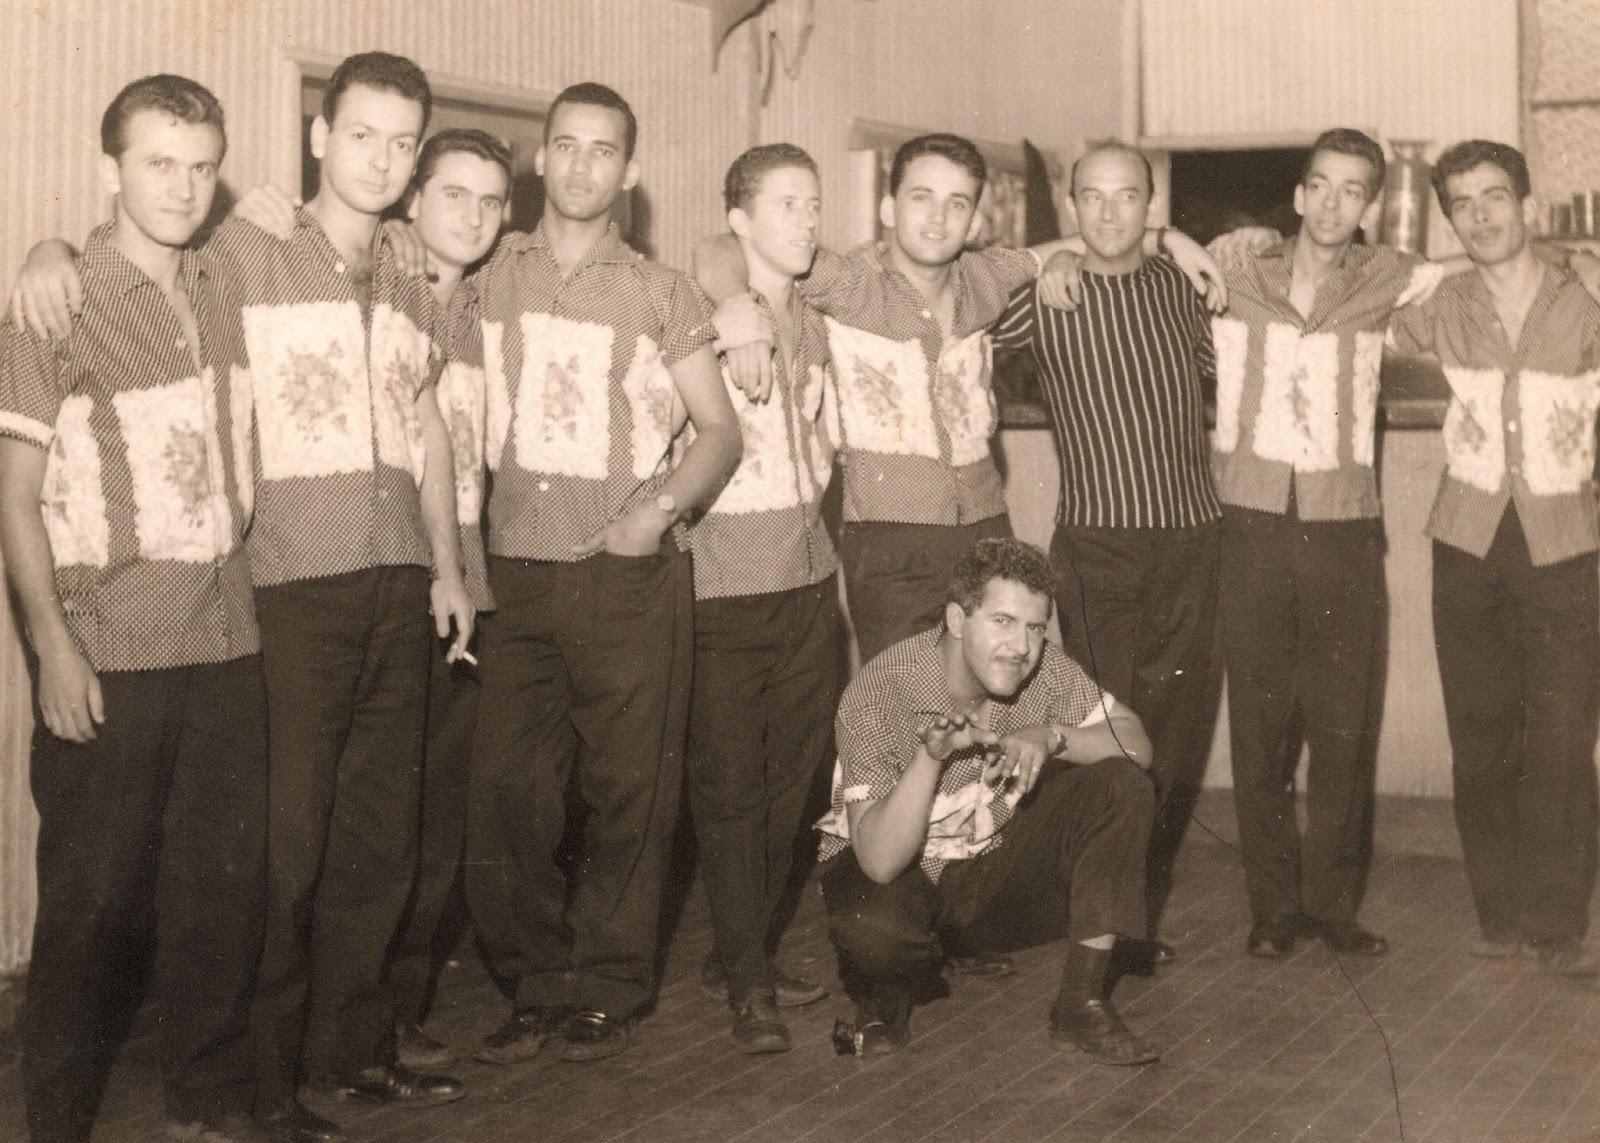 Grupo Anjos da Lua - 1961 (2ª postagem)